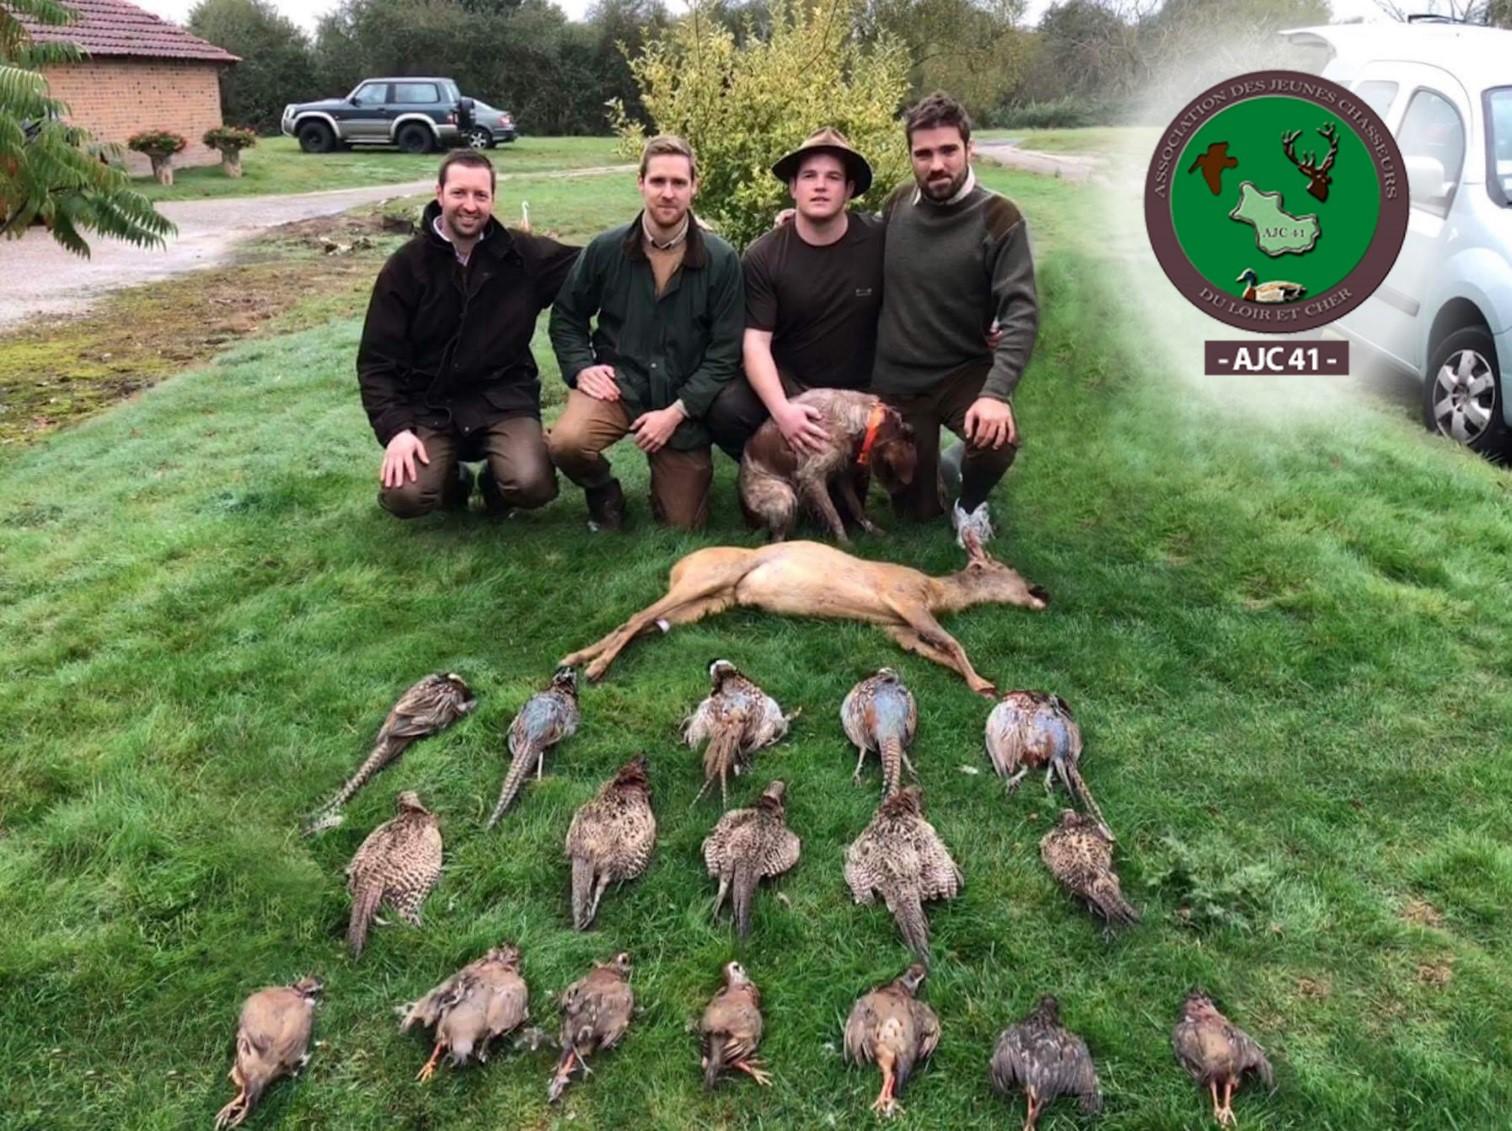 Récit de trois jeunes chasseurs lors d'une chasse à Marcilly-en-Gault